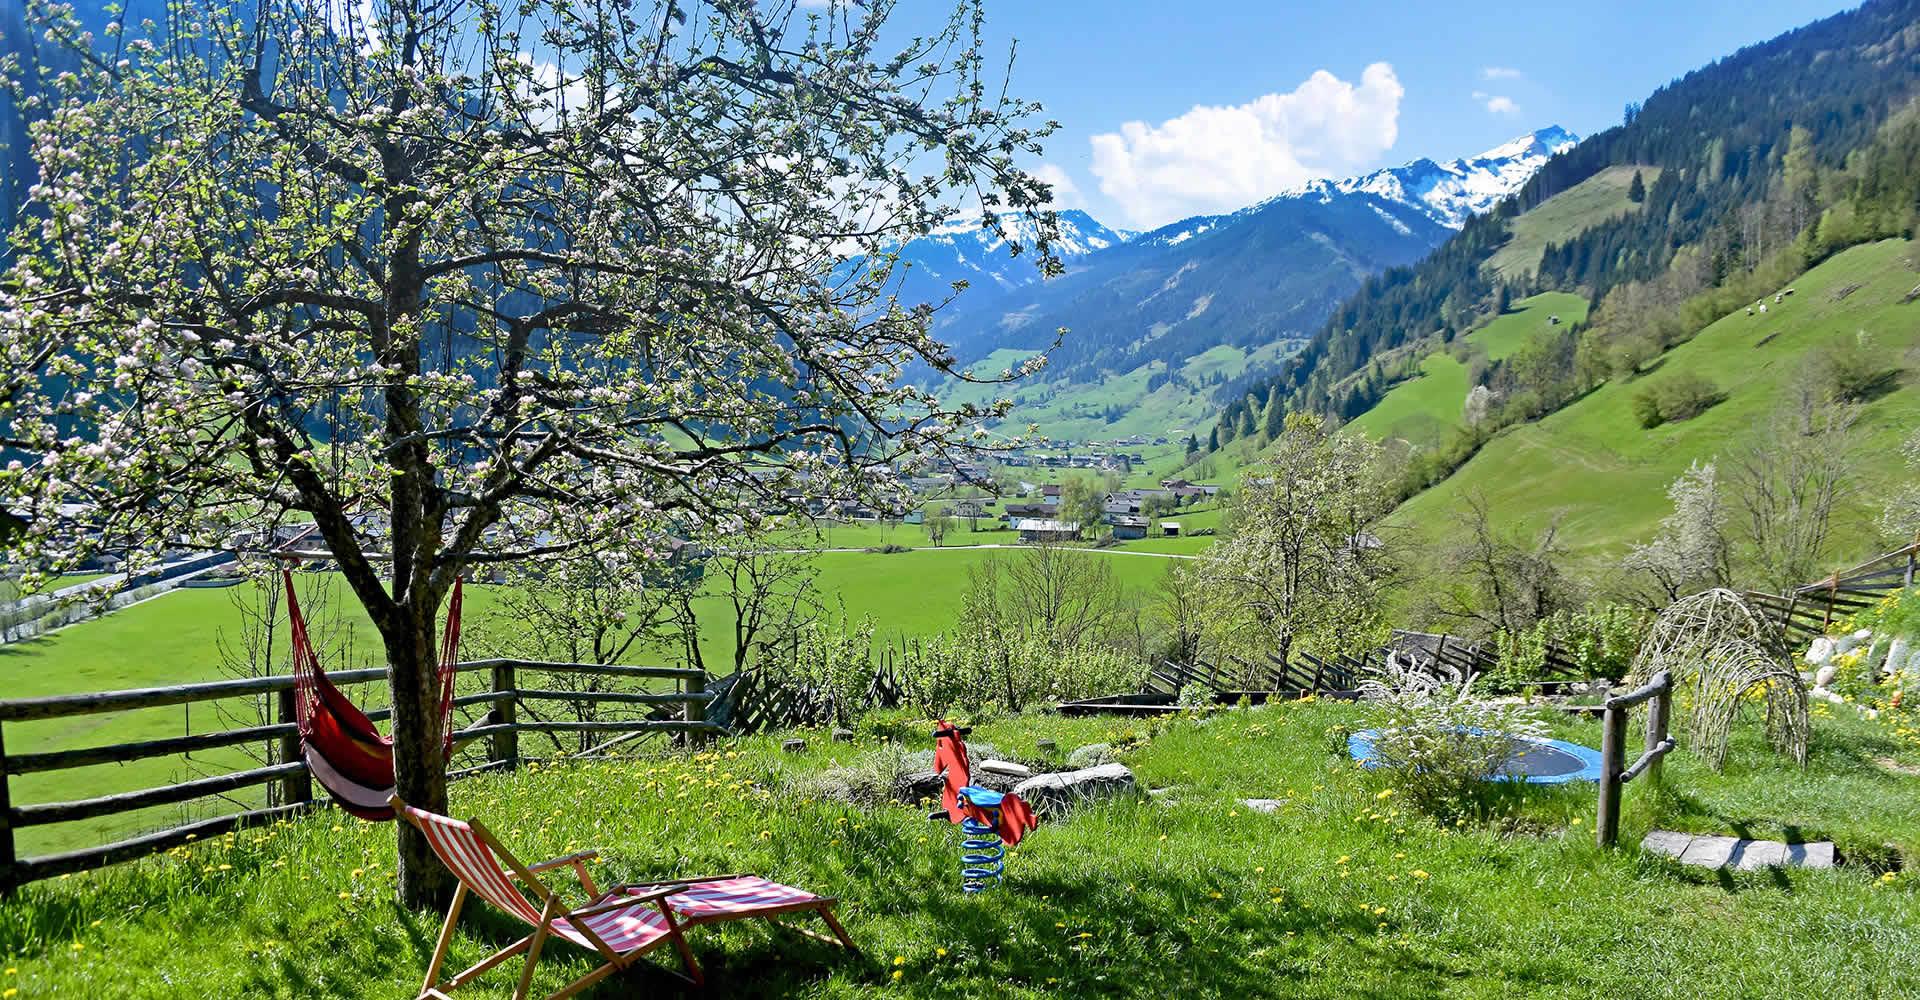 Sommerurlaub & Wanderurlaub in Großarl, Salzburger Land